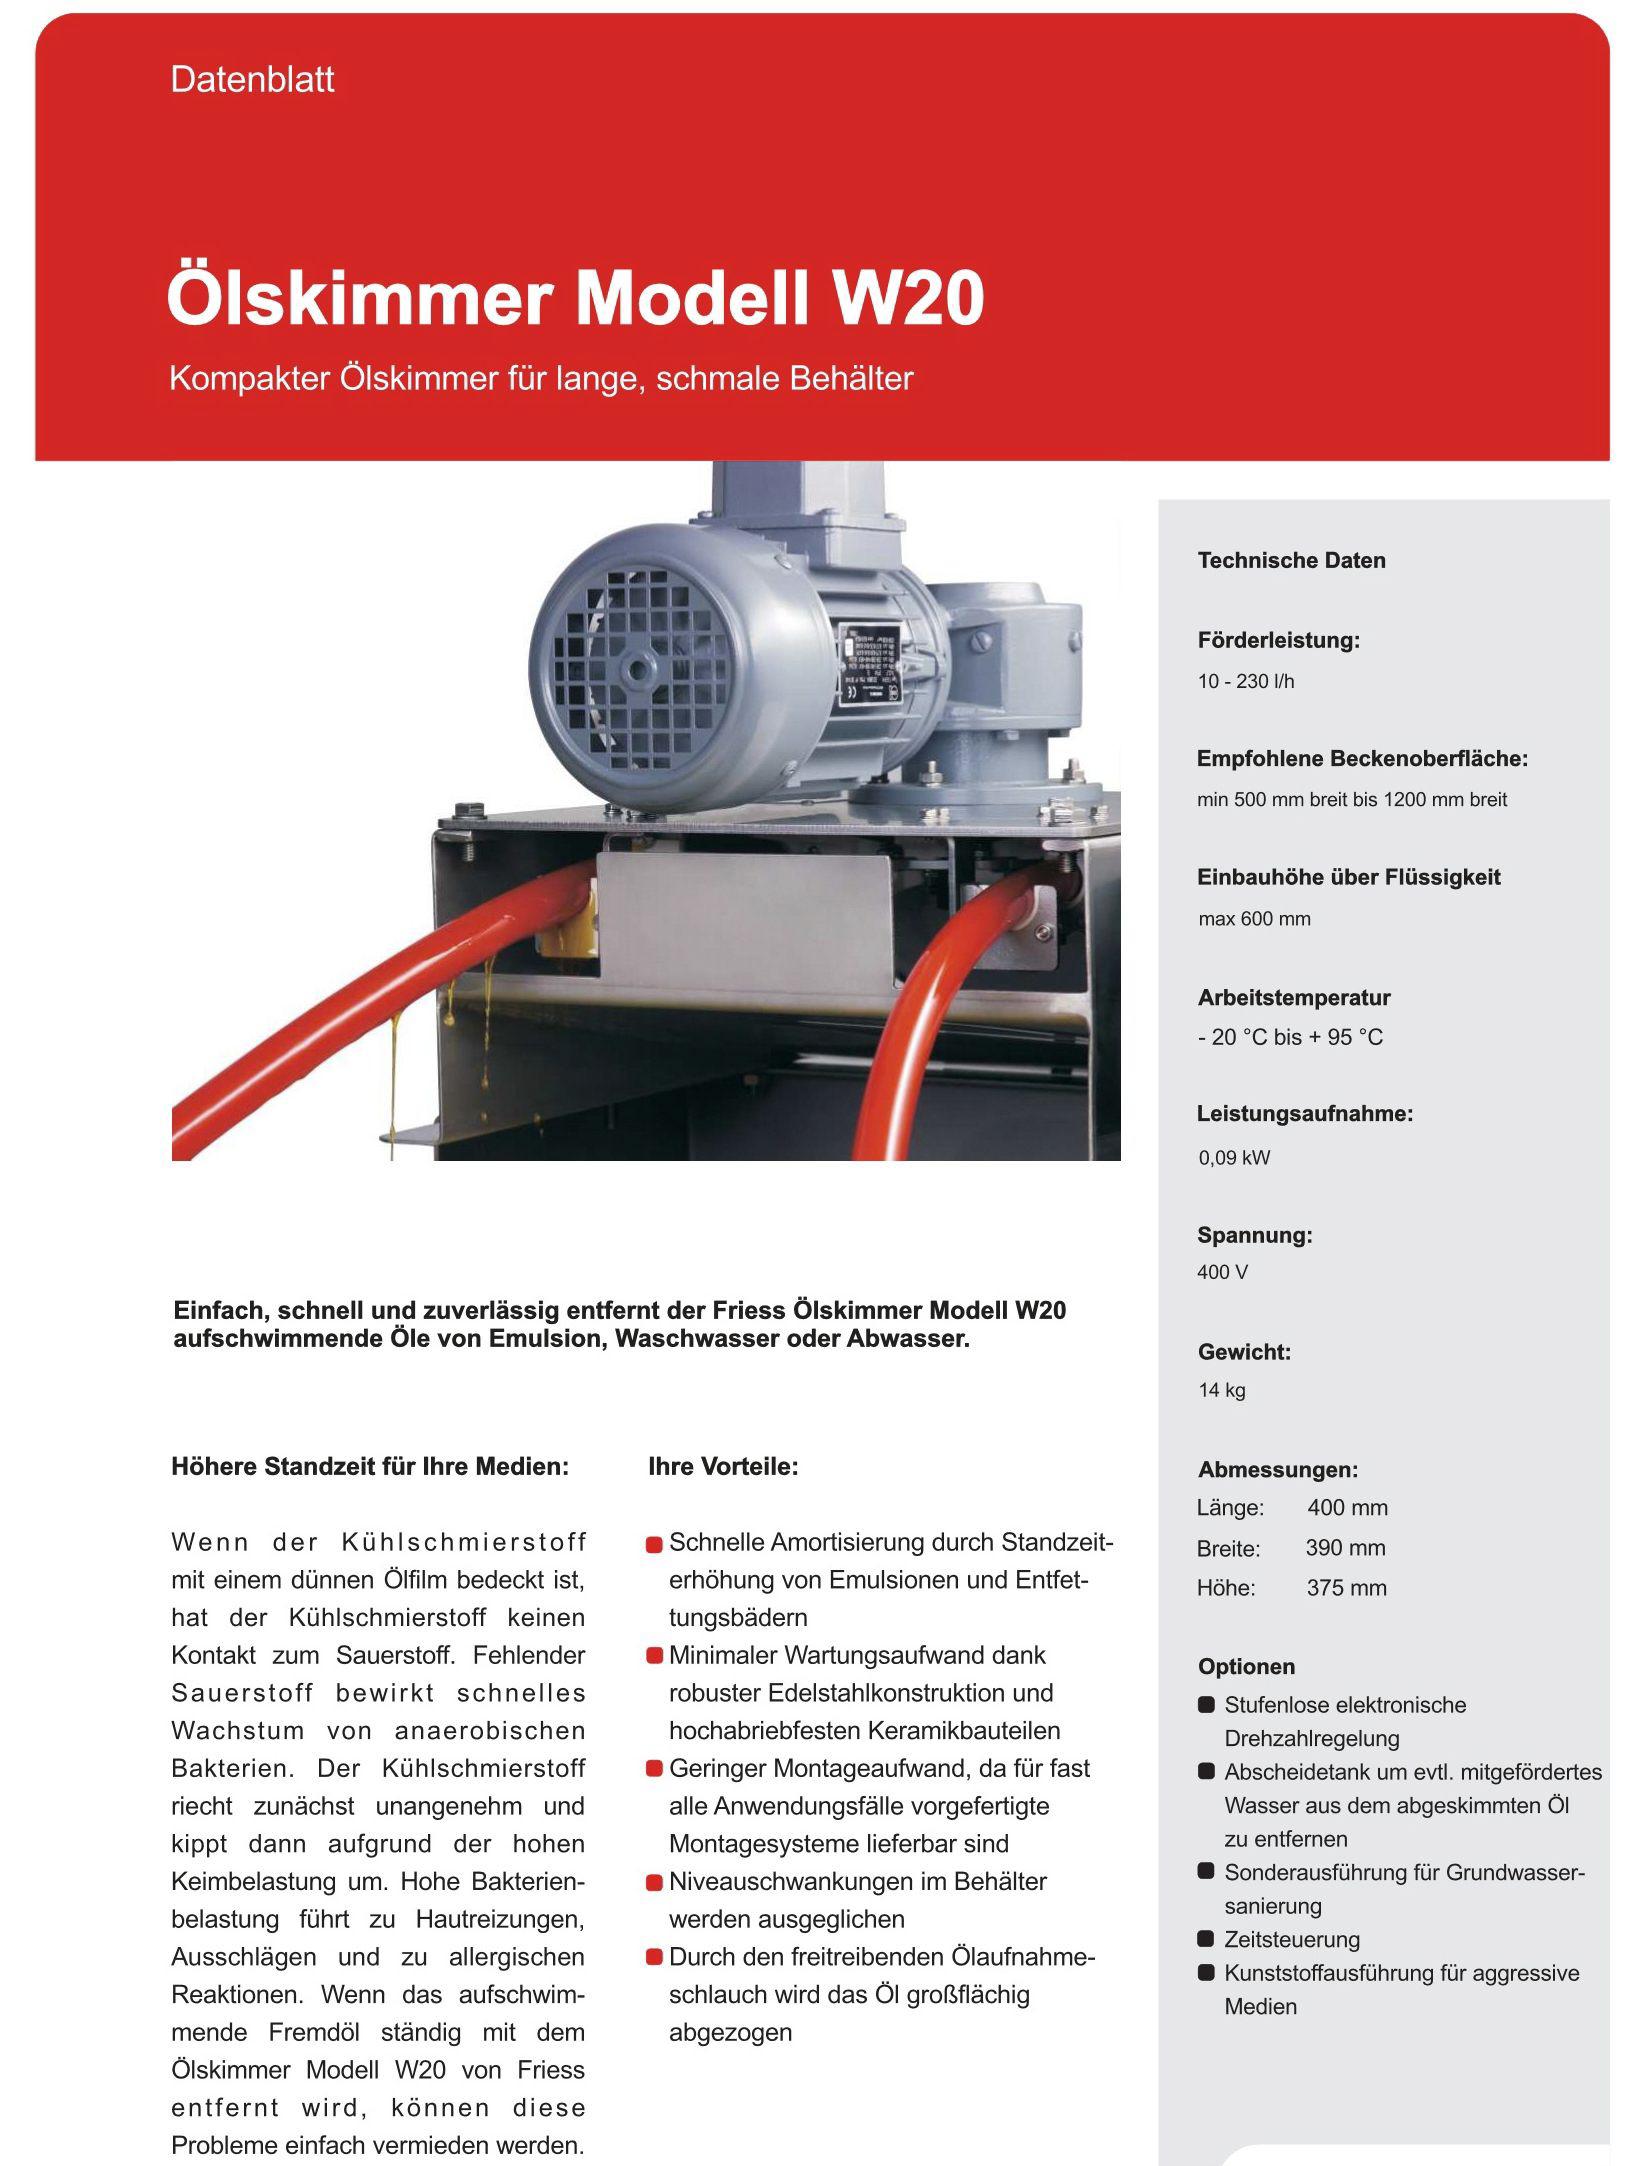 Datenblatt-Modell-W20-_1